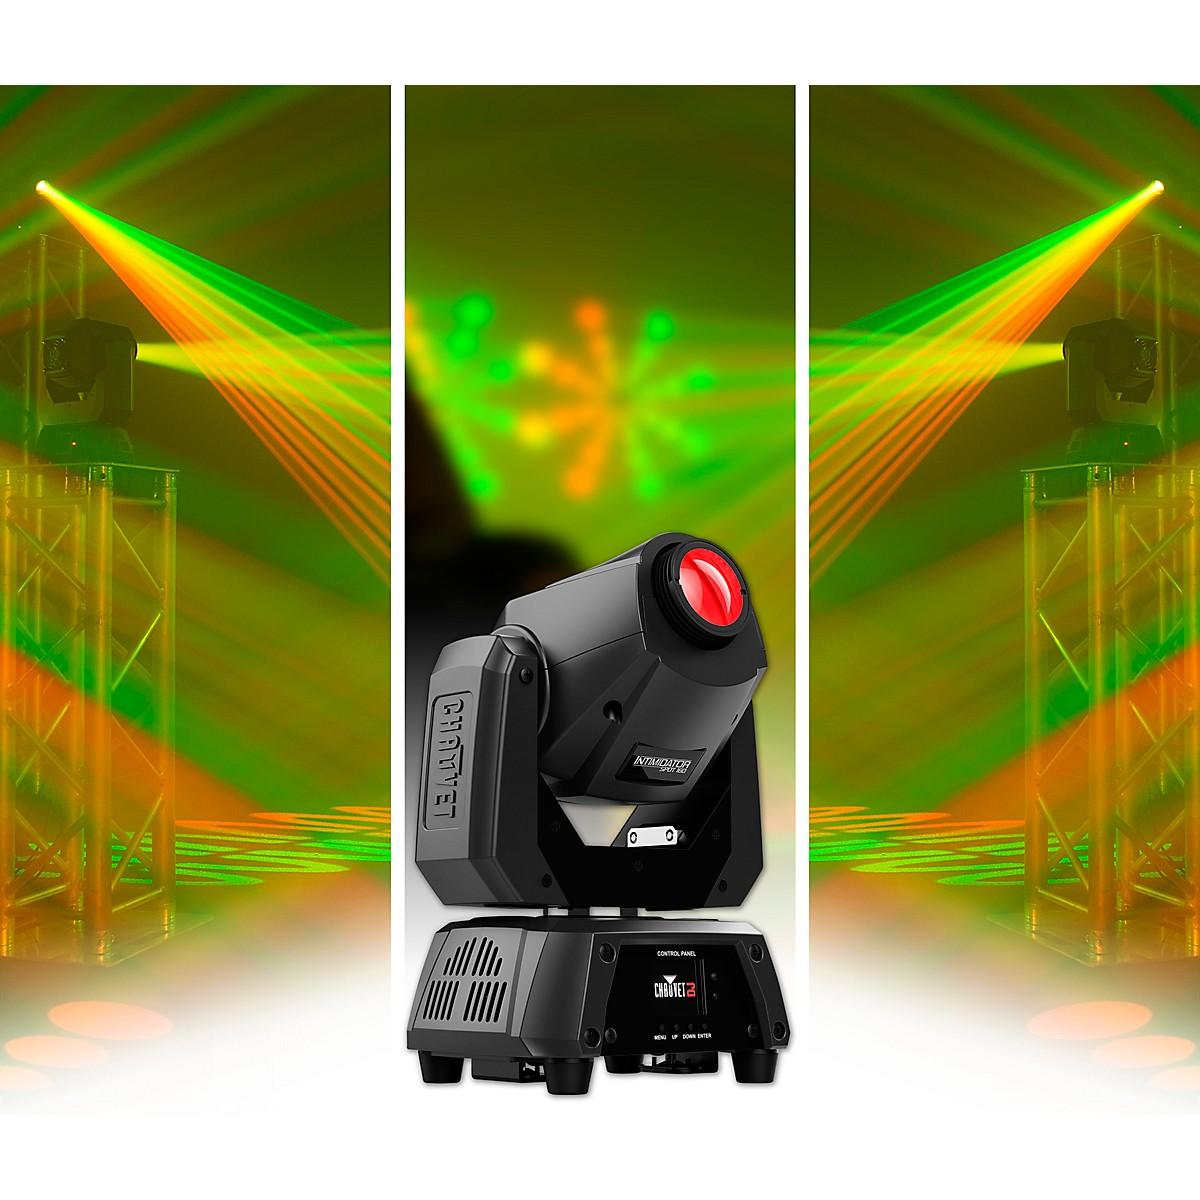 CHAUVET DJ Intimidator Spot 160 Moving-Head Spotlight